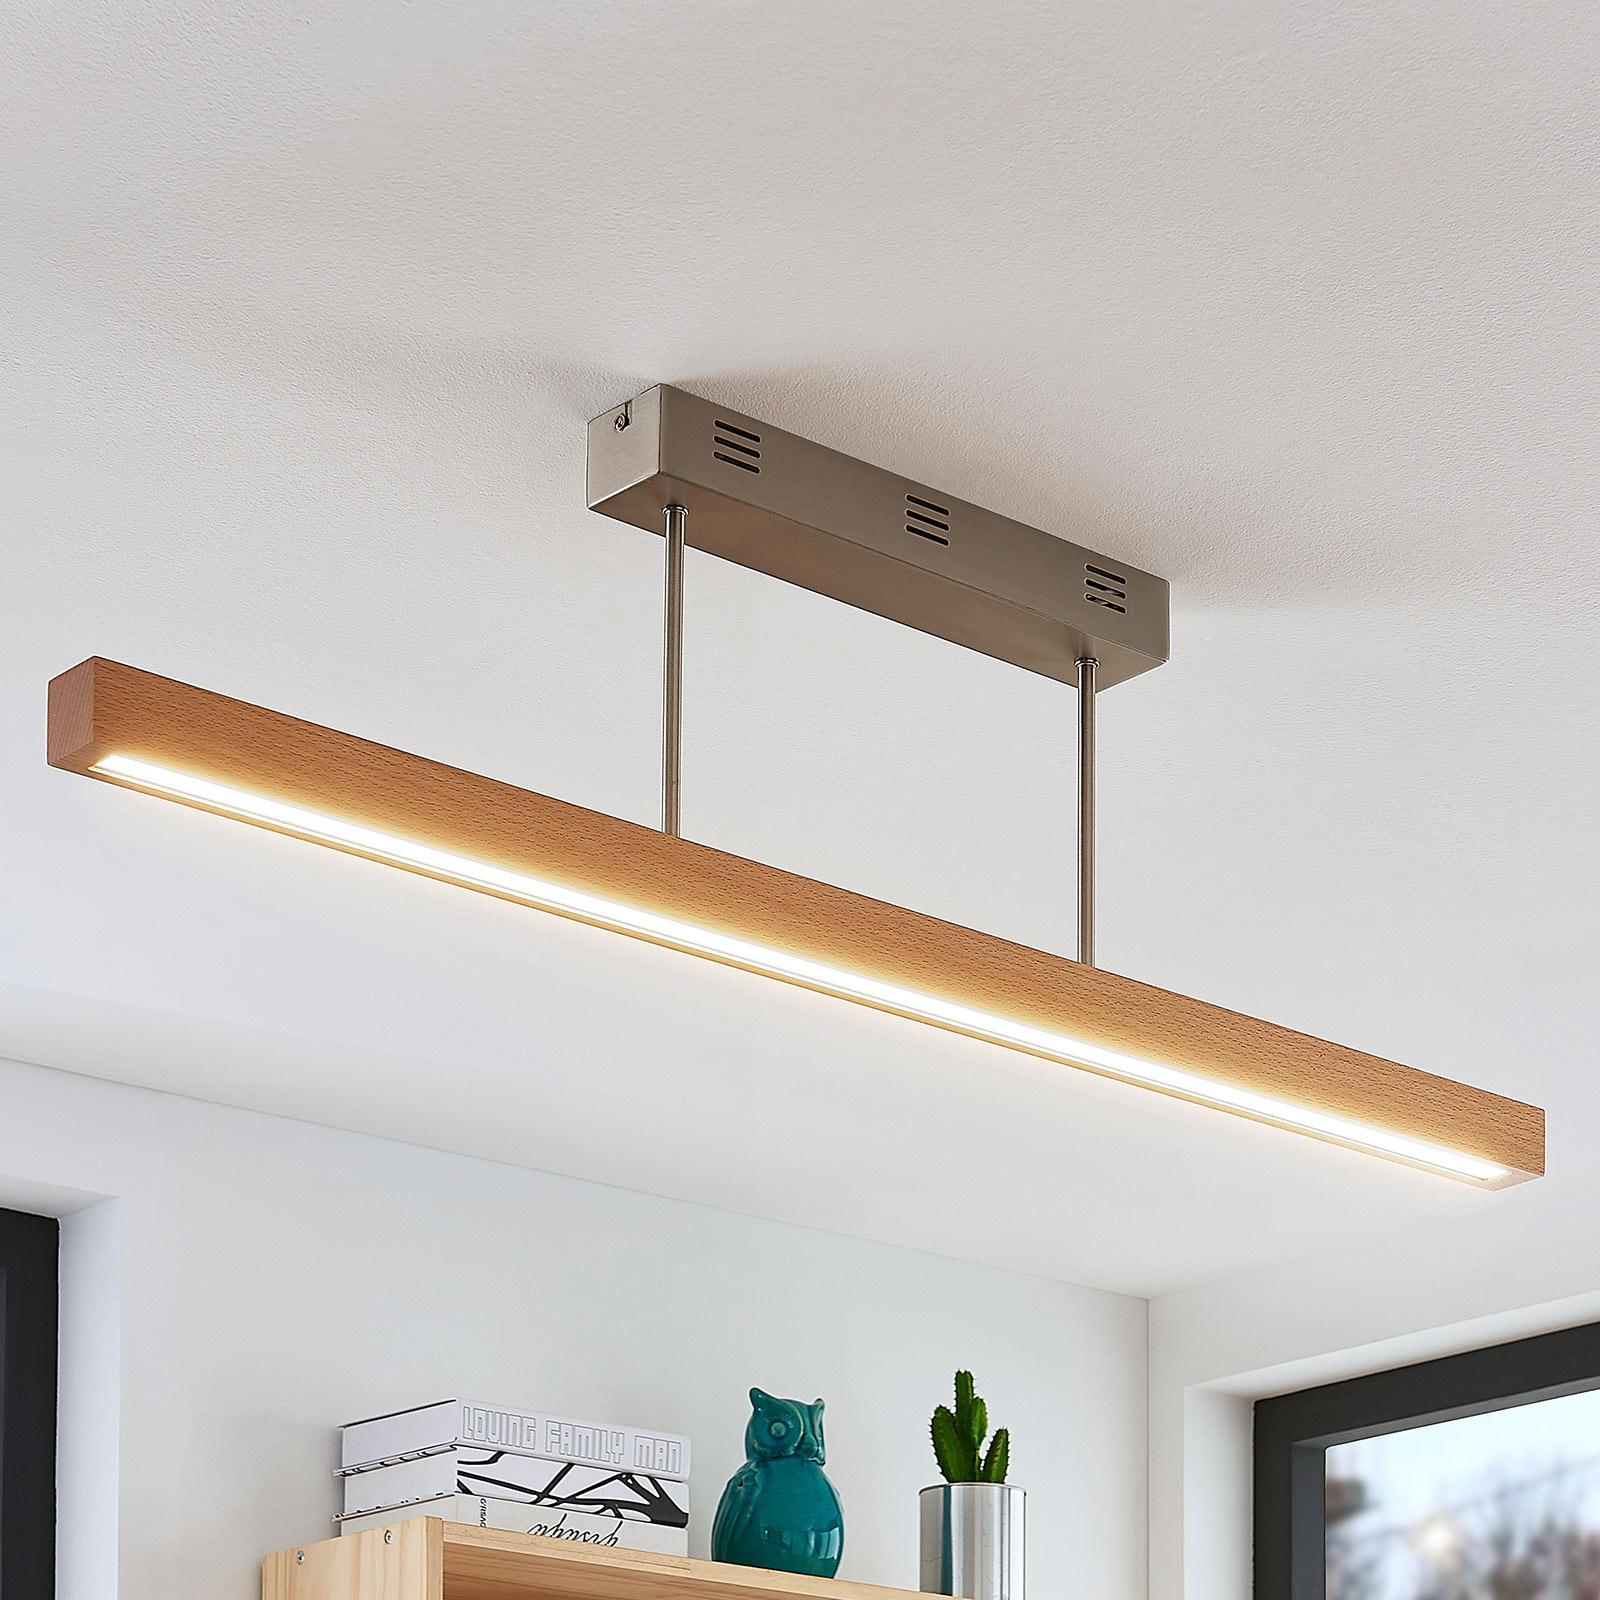 LED-Holz-Deckenleuchte Tamlin, buchefarben, 100 cm